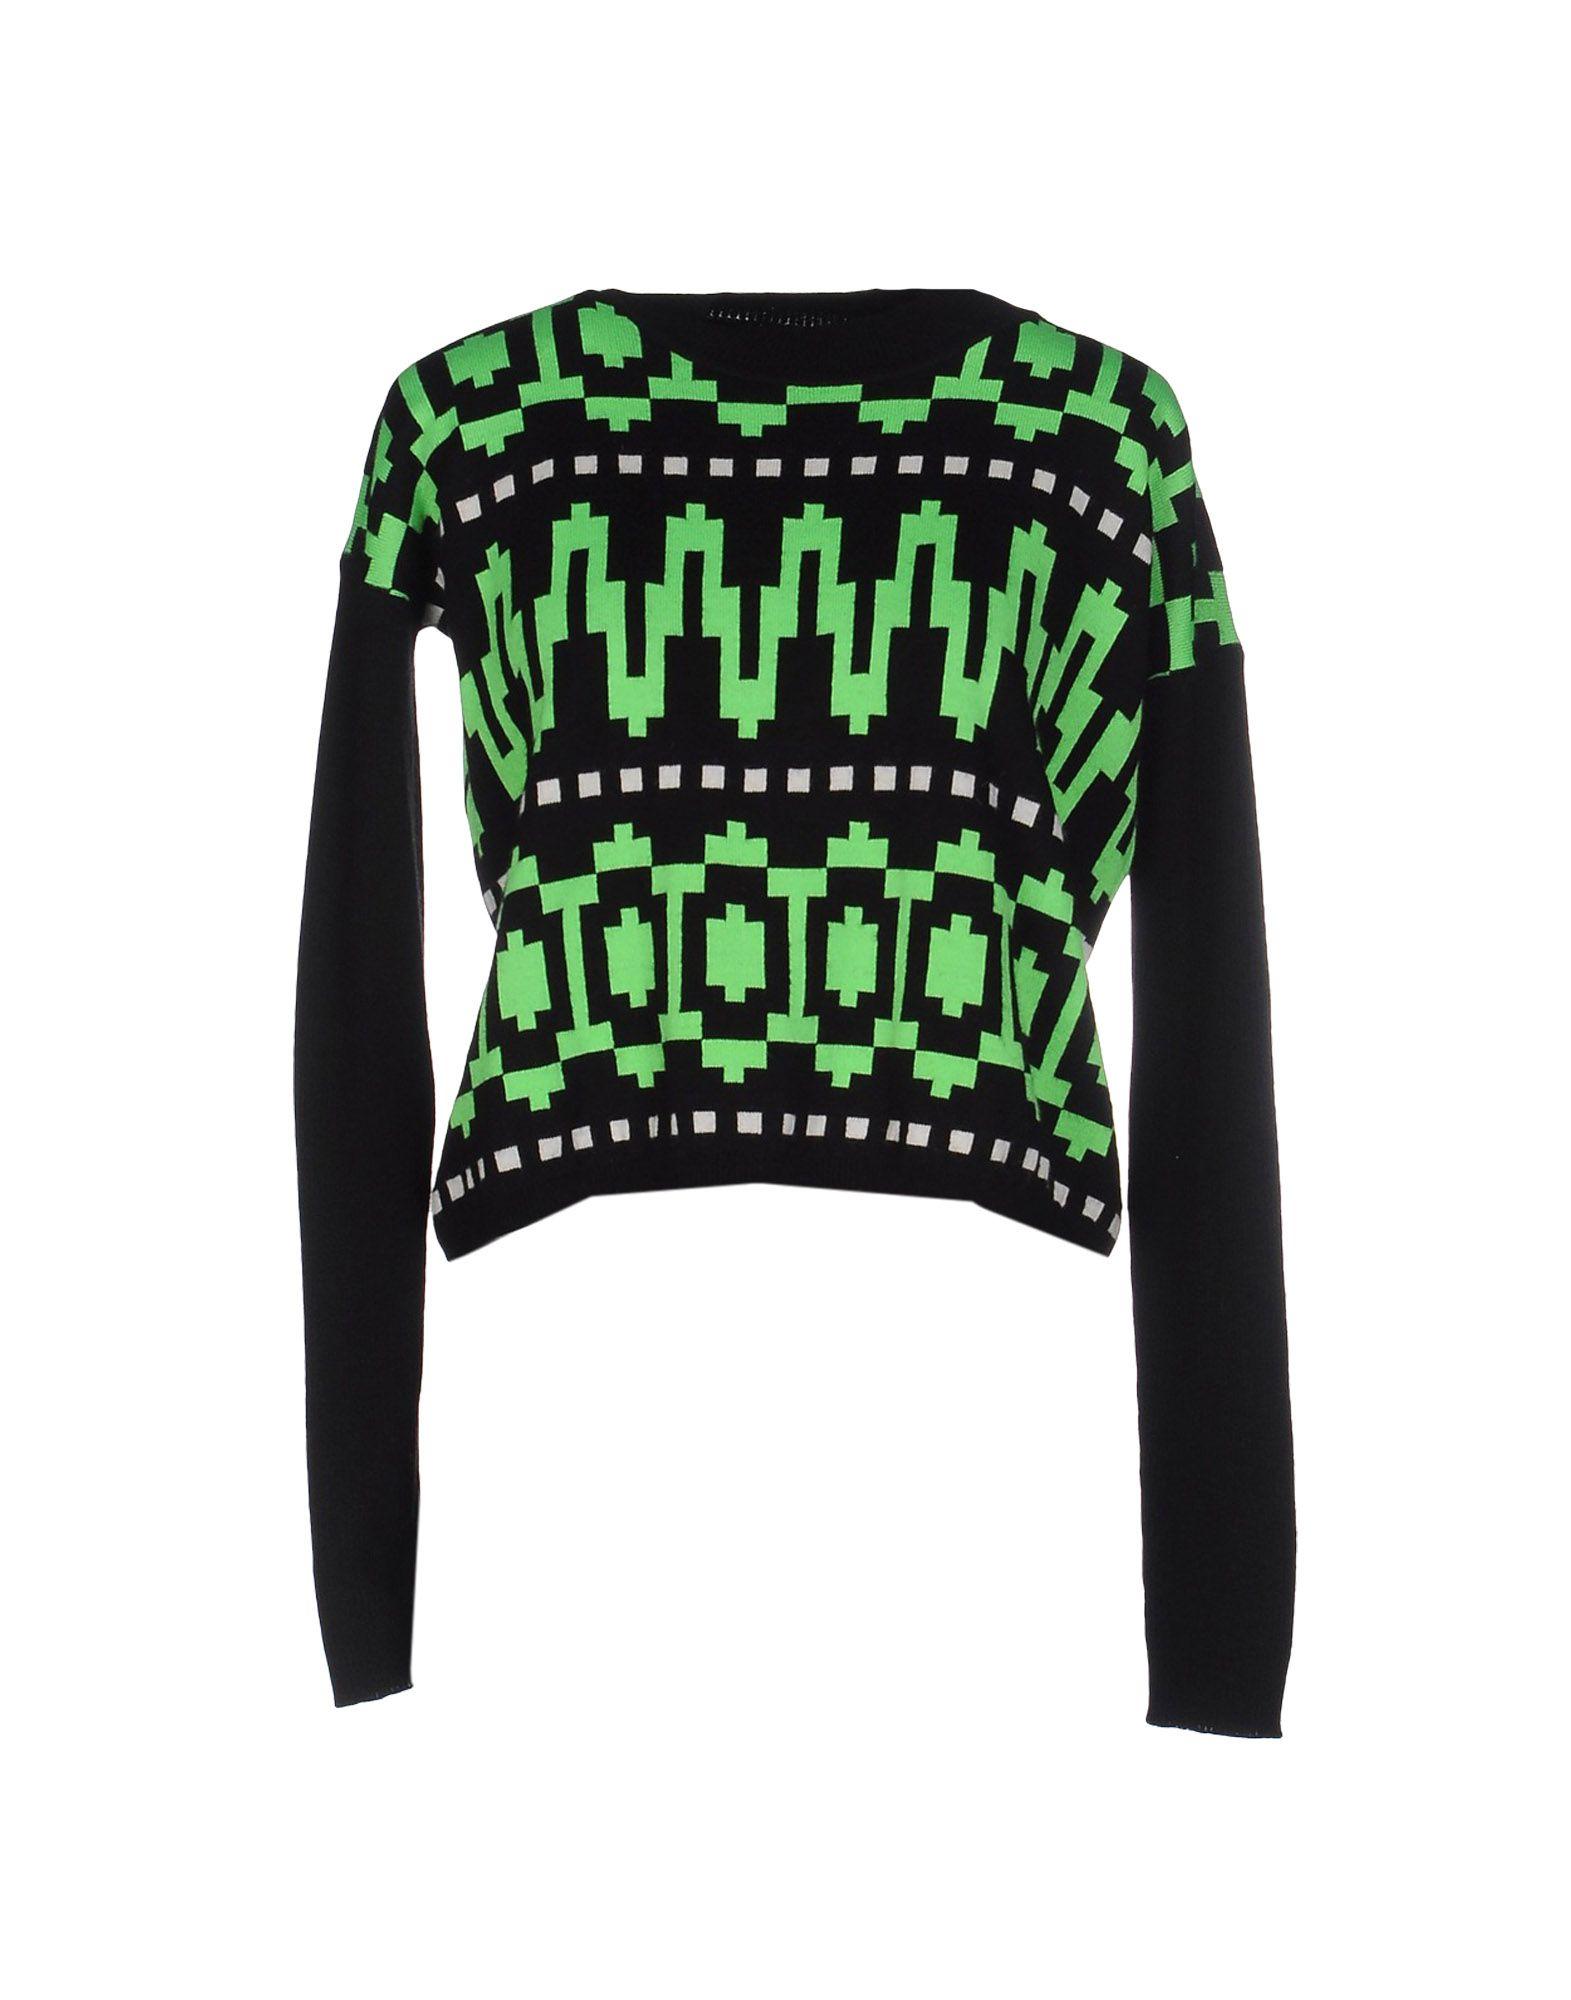 TAK.ORI Sweater in Acid Green